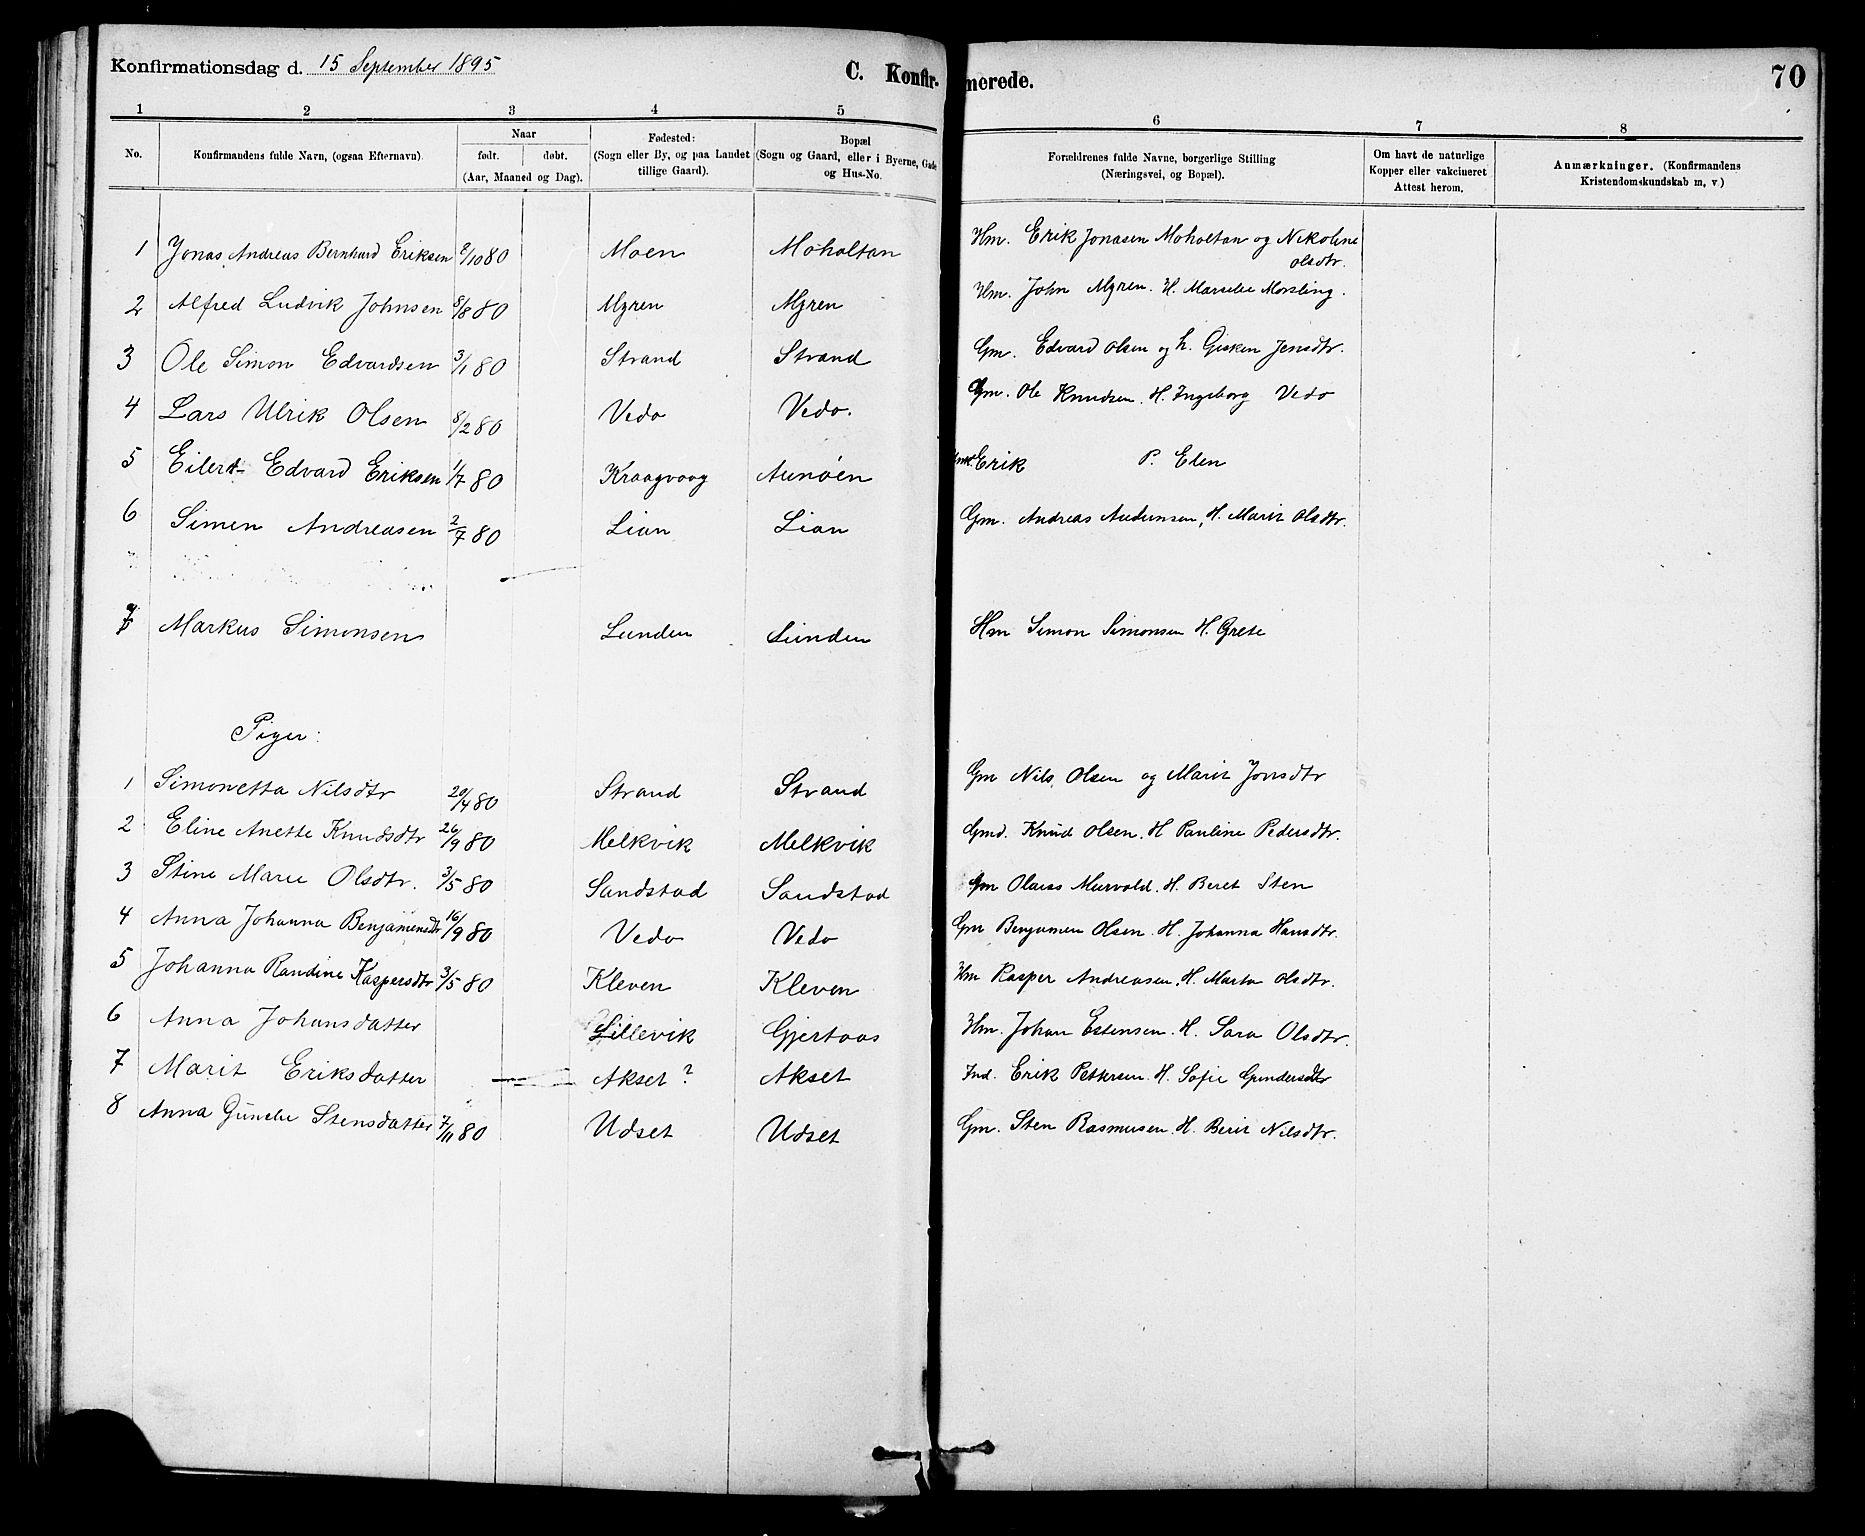 SAT, Ministerialprotokoller, klokkerbøker og fødselsregistre - Sør-Trøndelag, 639/L0573: Klokkerbok nr. 639C01, 1890-1905, s. 70